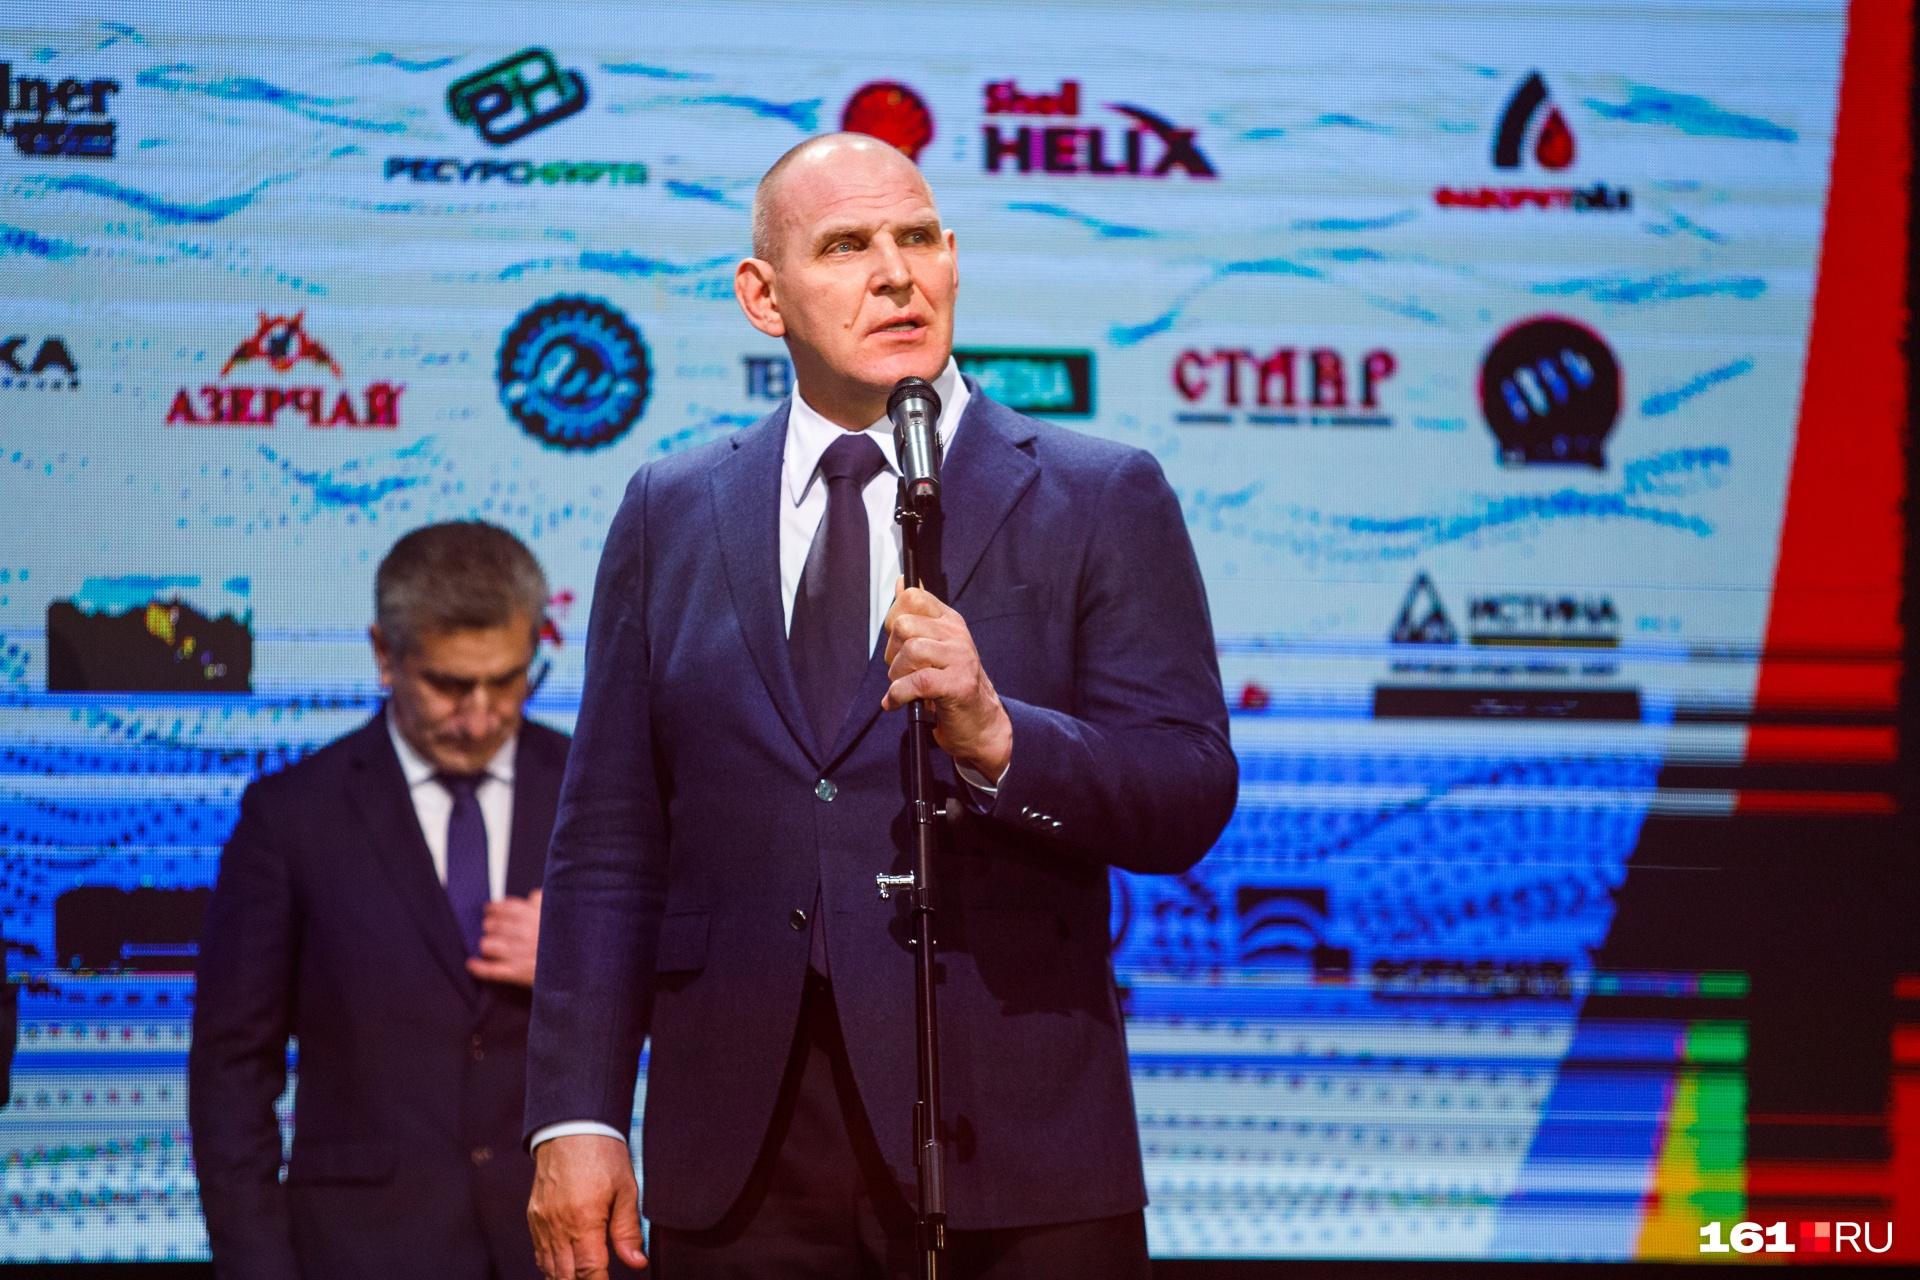 В Ростов приехал знаменитый борец Александр Карелин